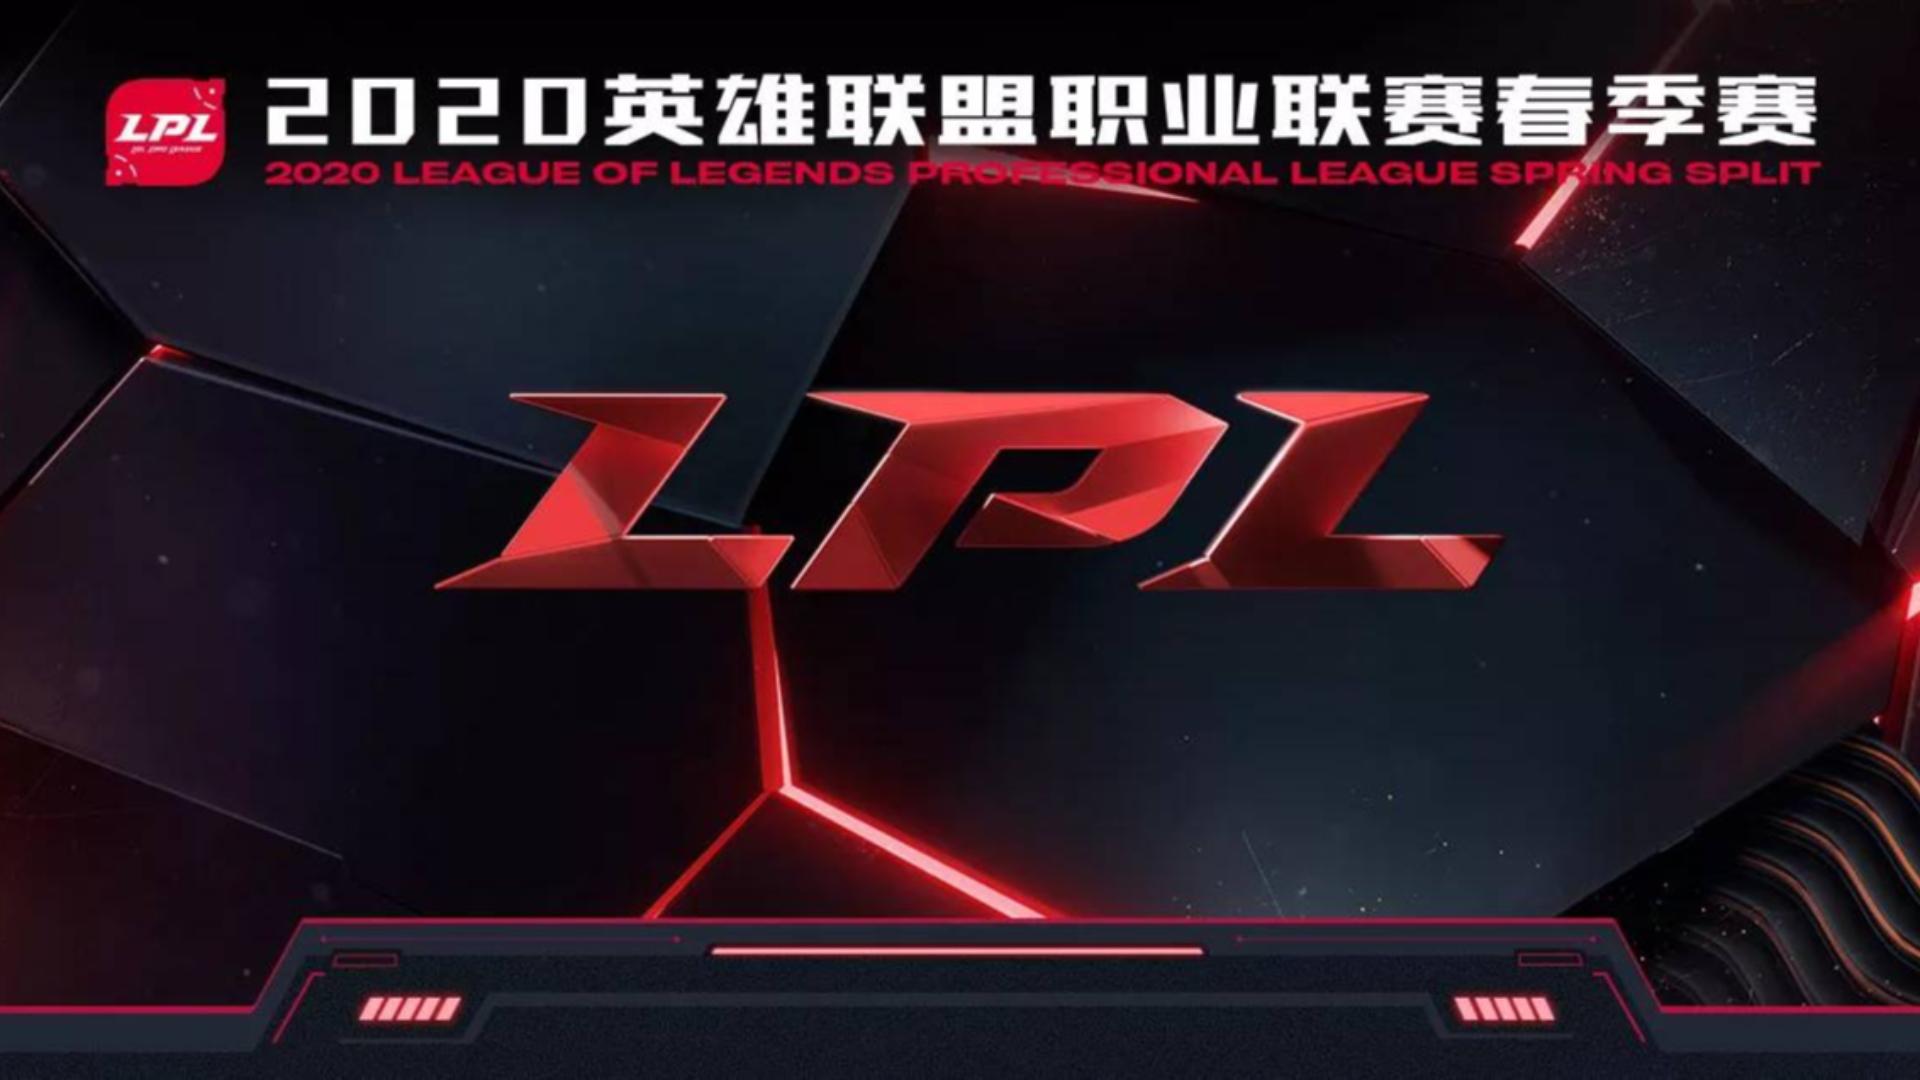 快速看完2020 LPL 春季赛W6D1